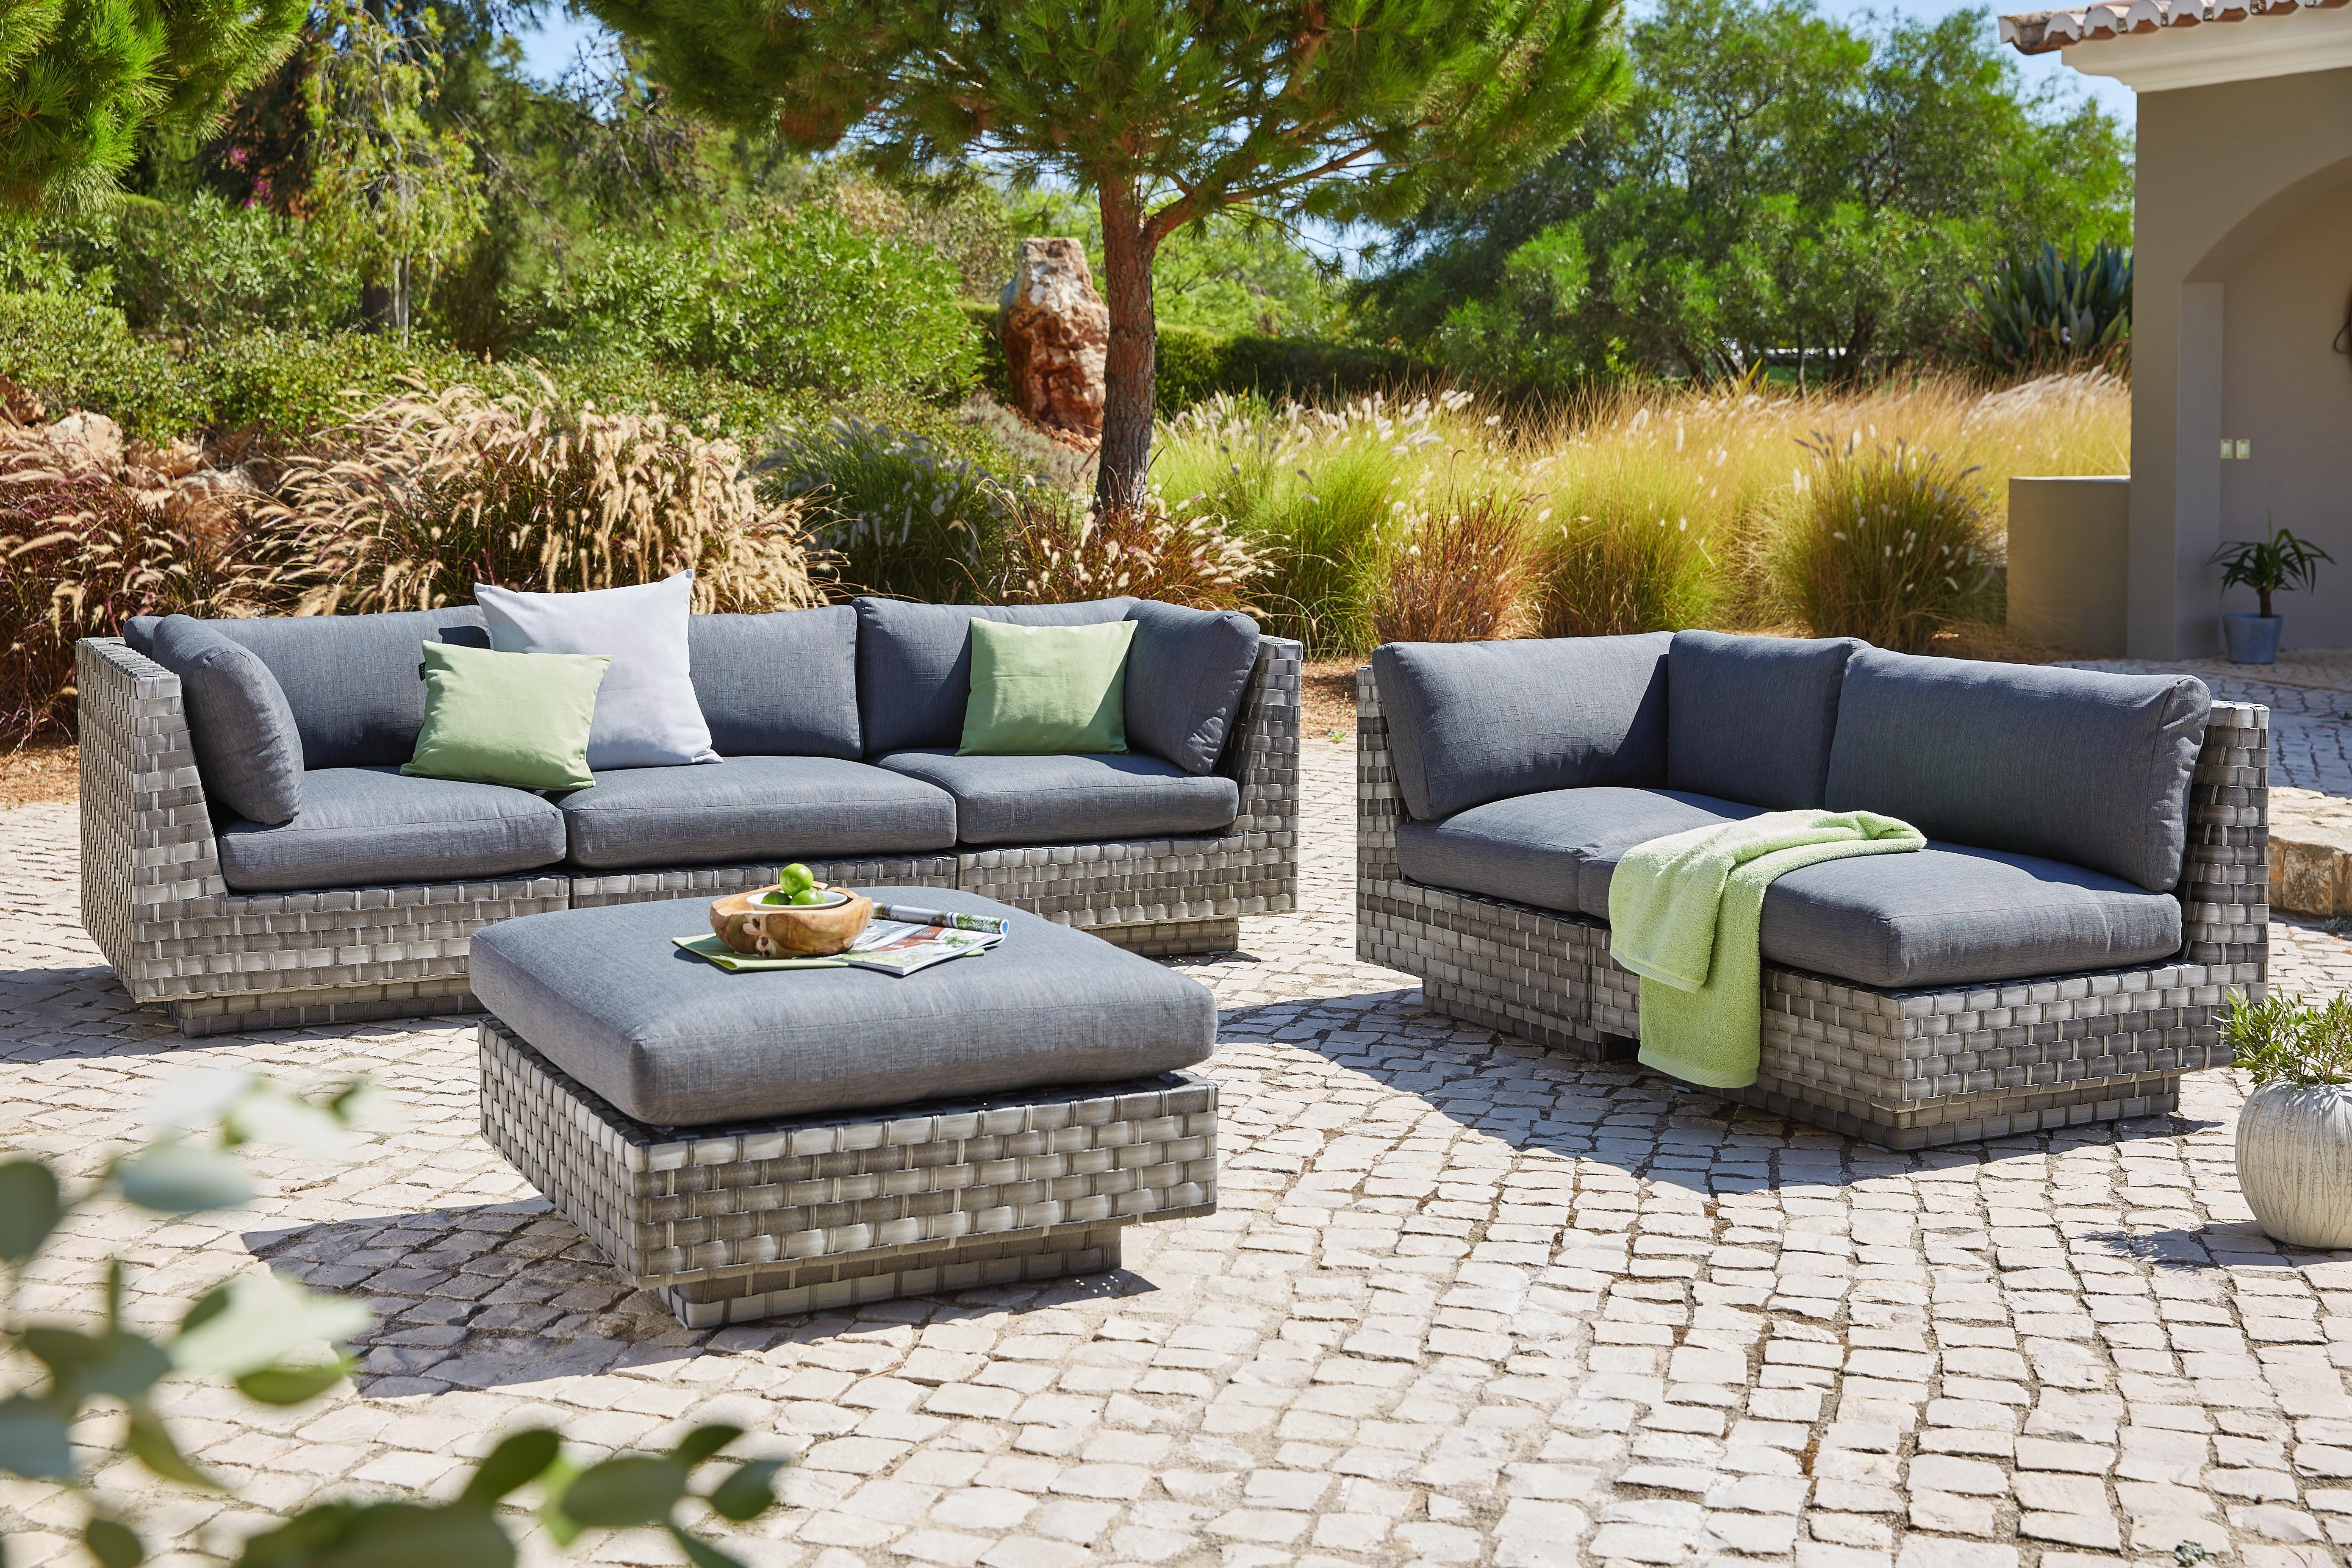 Gemütliche Garten Garnitur Aus Rattan Lounge Garnitur